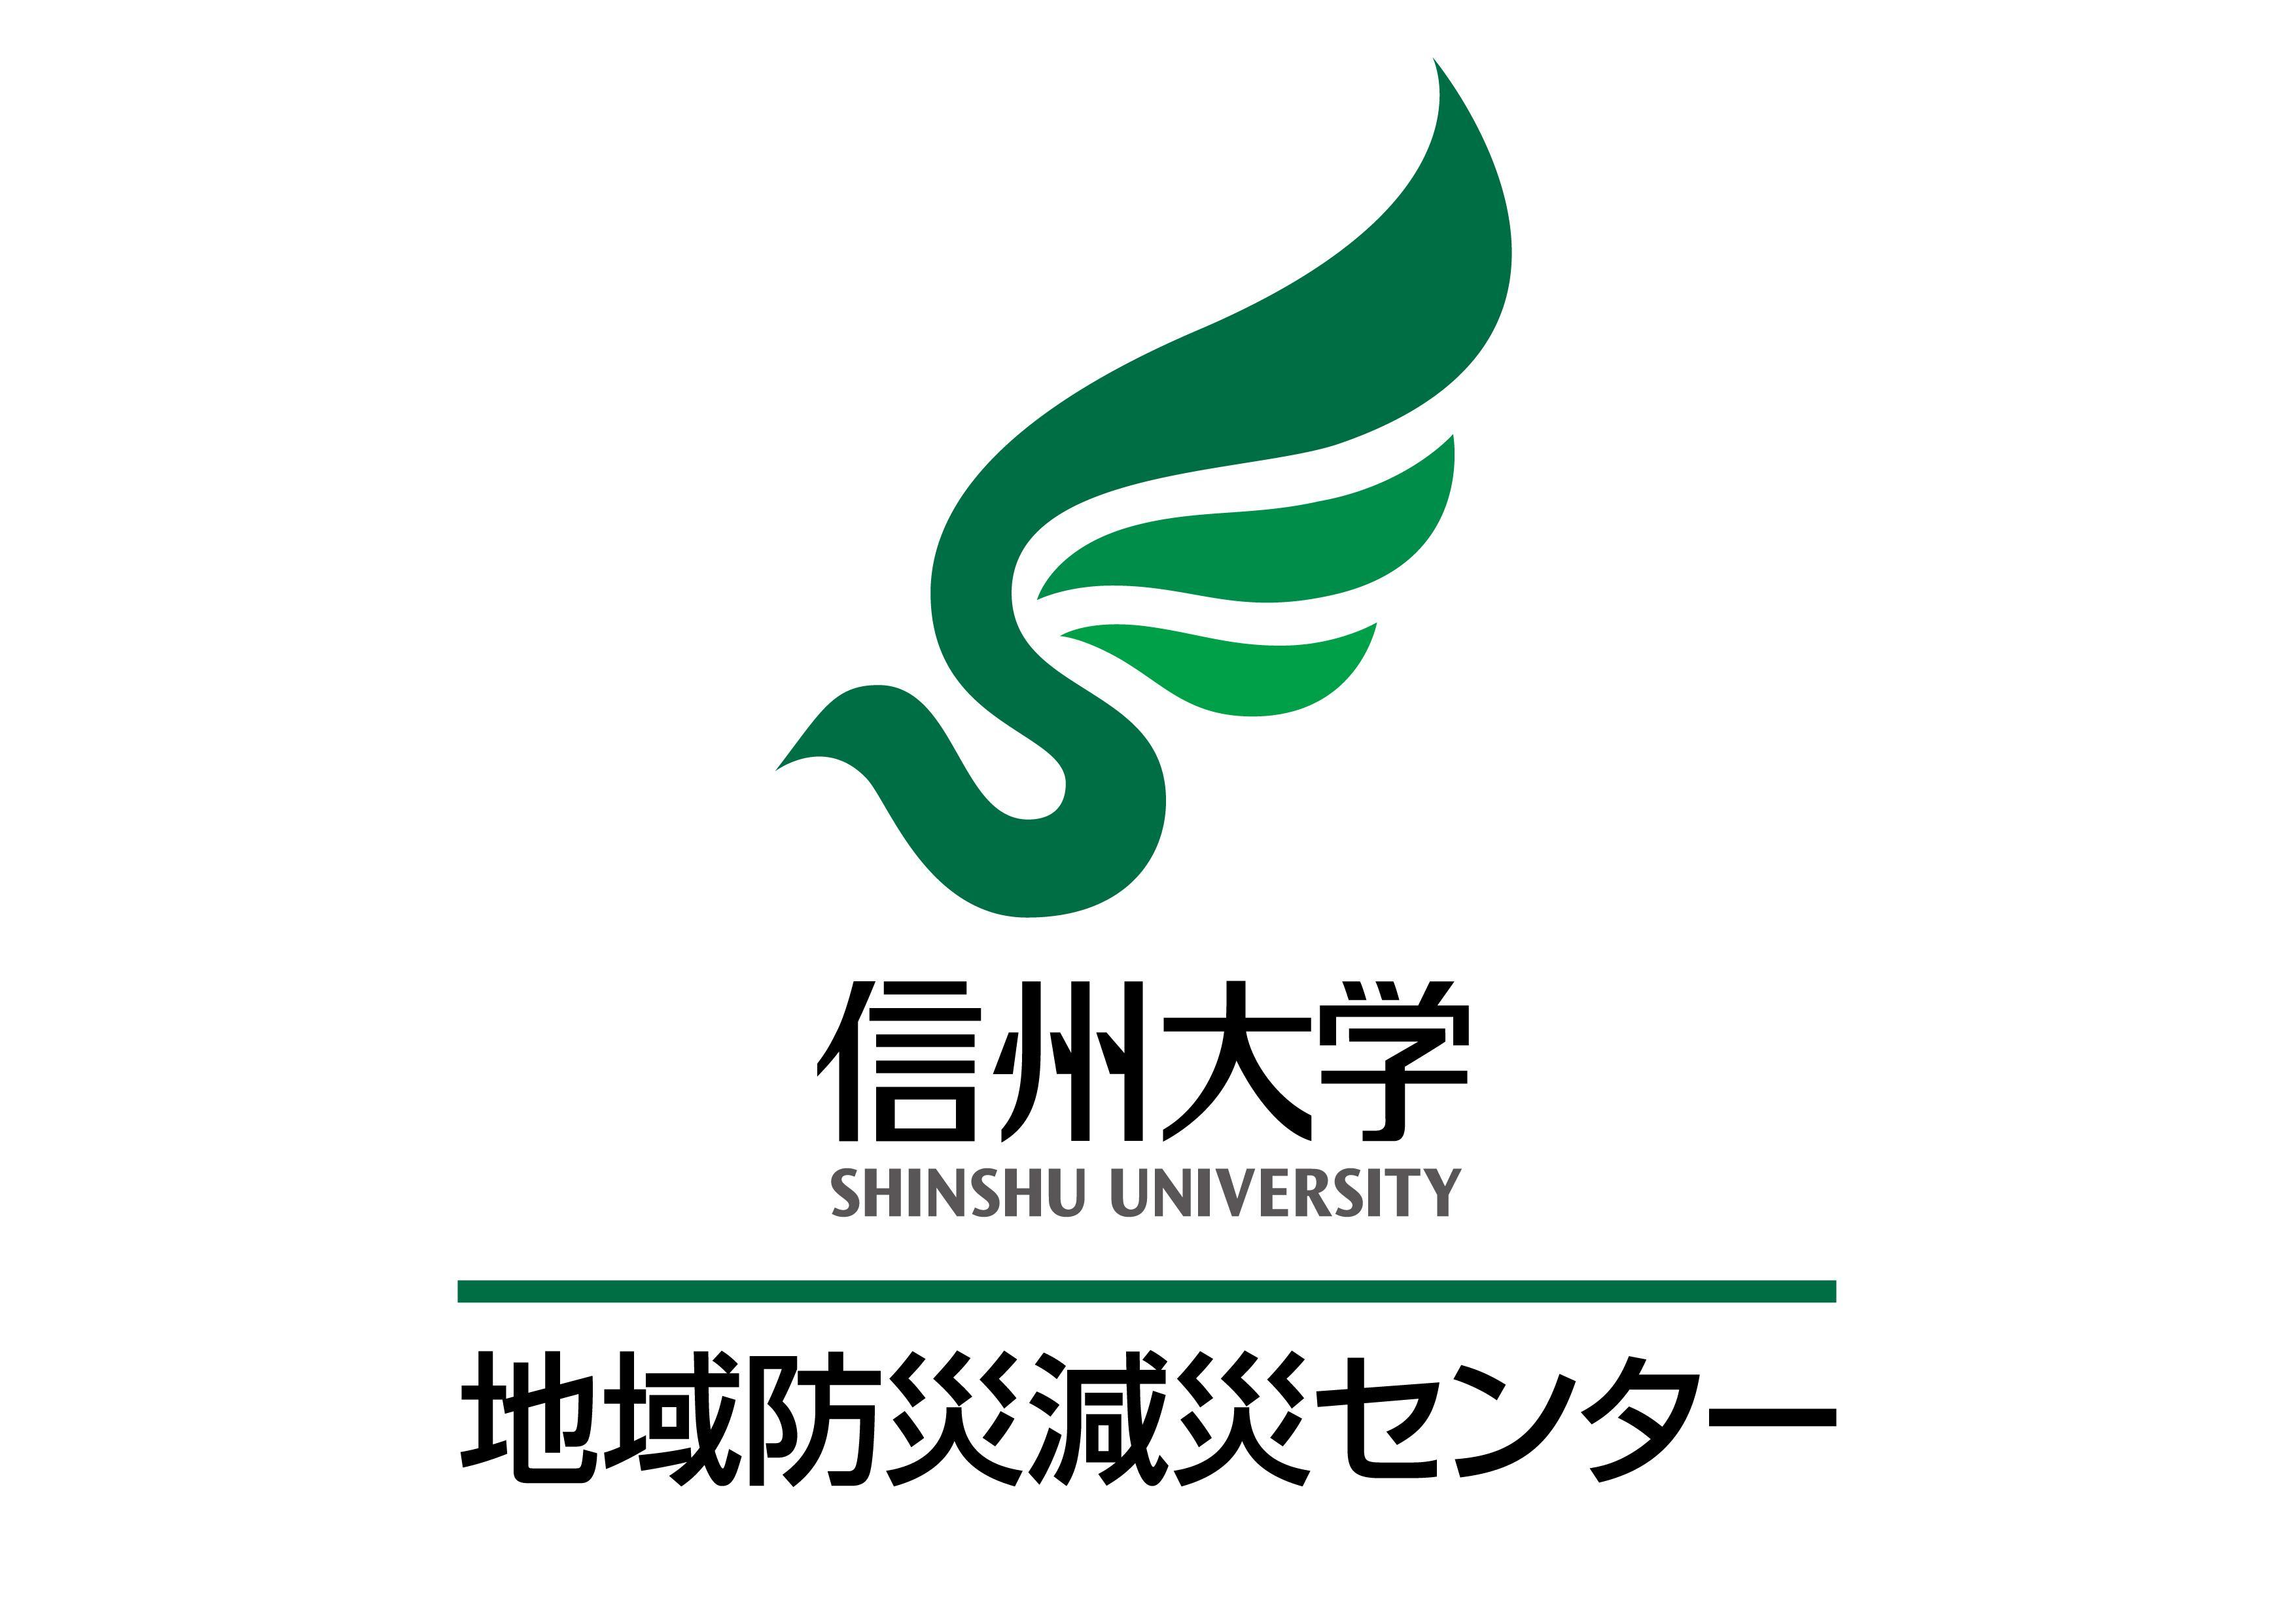 大塚勉特任教授(全学教育機構・地域防災減災センター)がNHK「ブラタモリ」に出演します